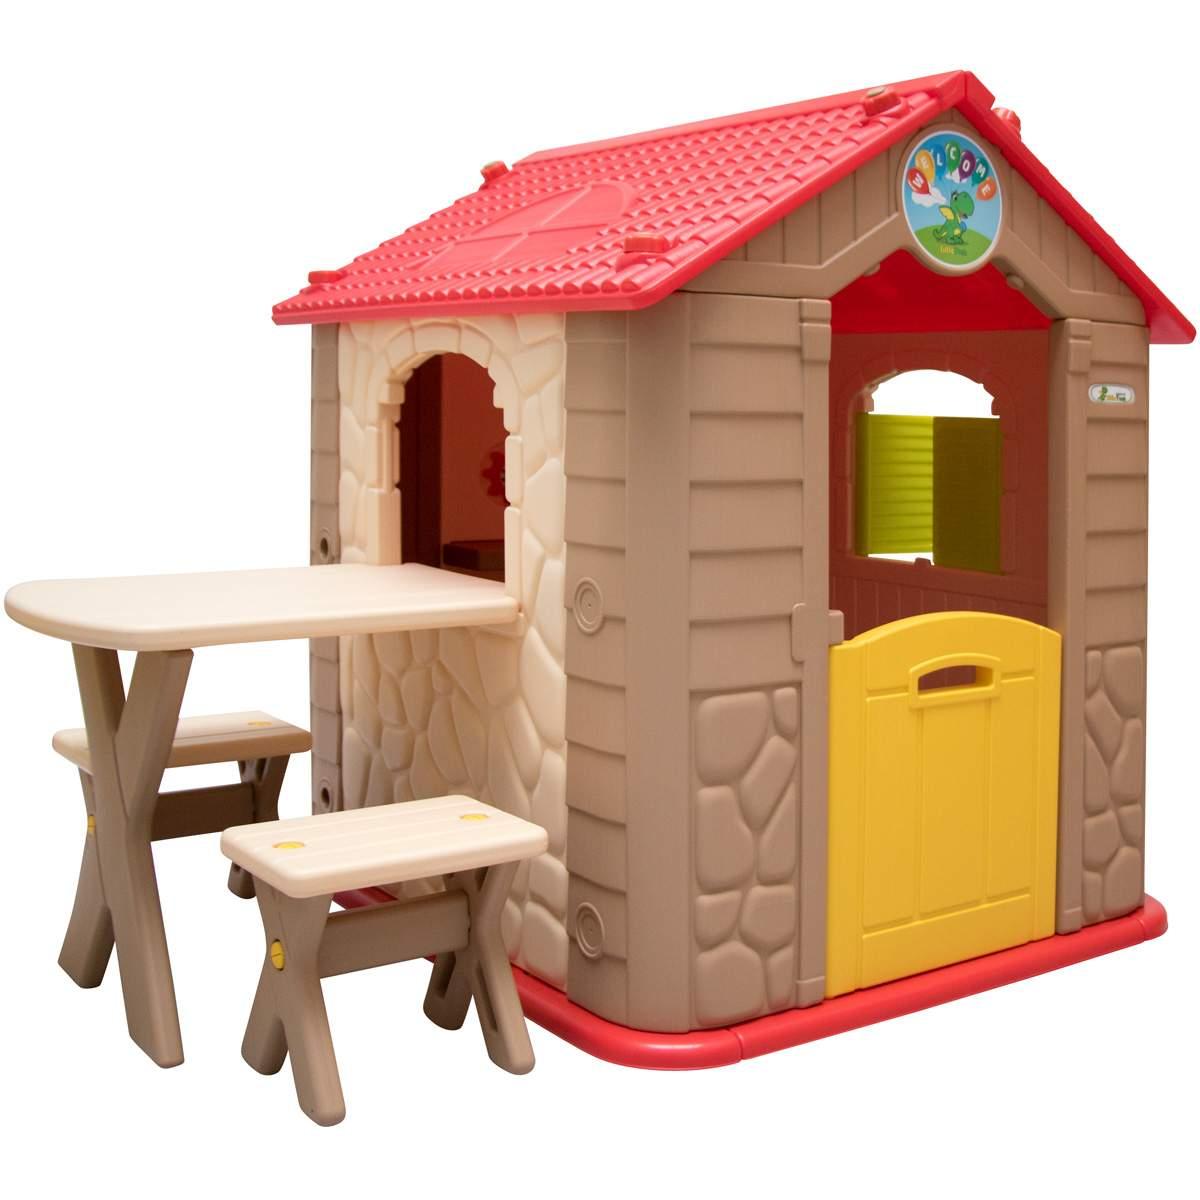 Spielhaus Garten Schön Kinder Spielhaus Ab 1 Garten Kinderhaus Mit Tisch Indoor Kinderspielhaus